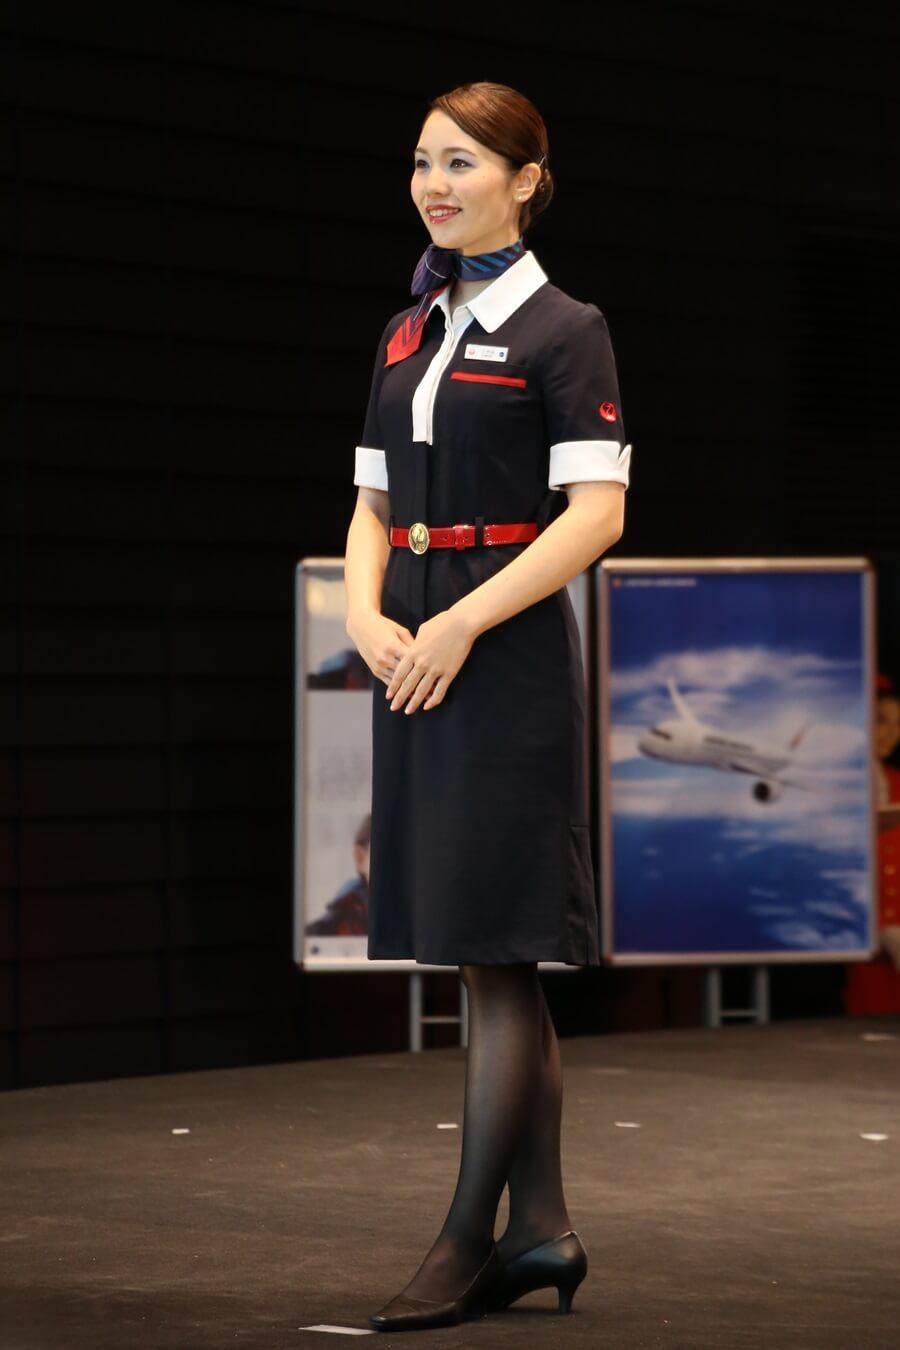 日本航空10代目制服 JALとJEX客室乗務員歴代制服ファッションショー 客室乗務員 スチワーデス 歴代ユニフォーム 制服 空の日フェスティバル JAL fashion show (3)